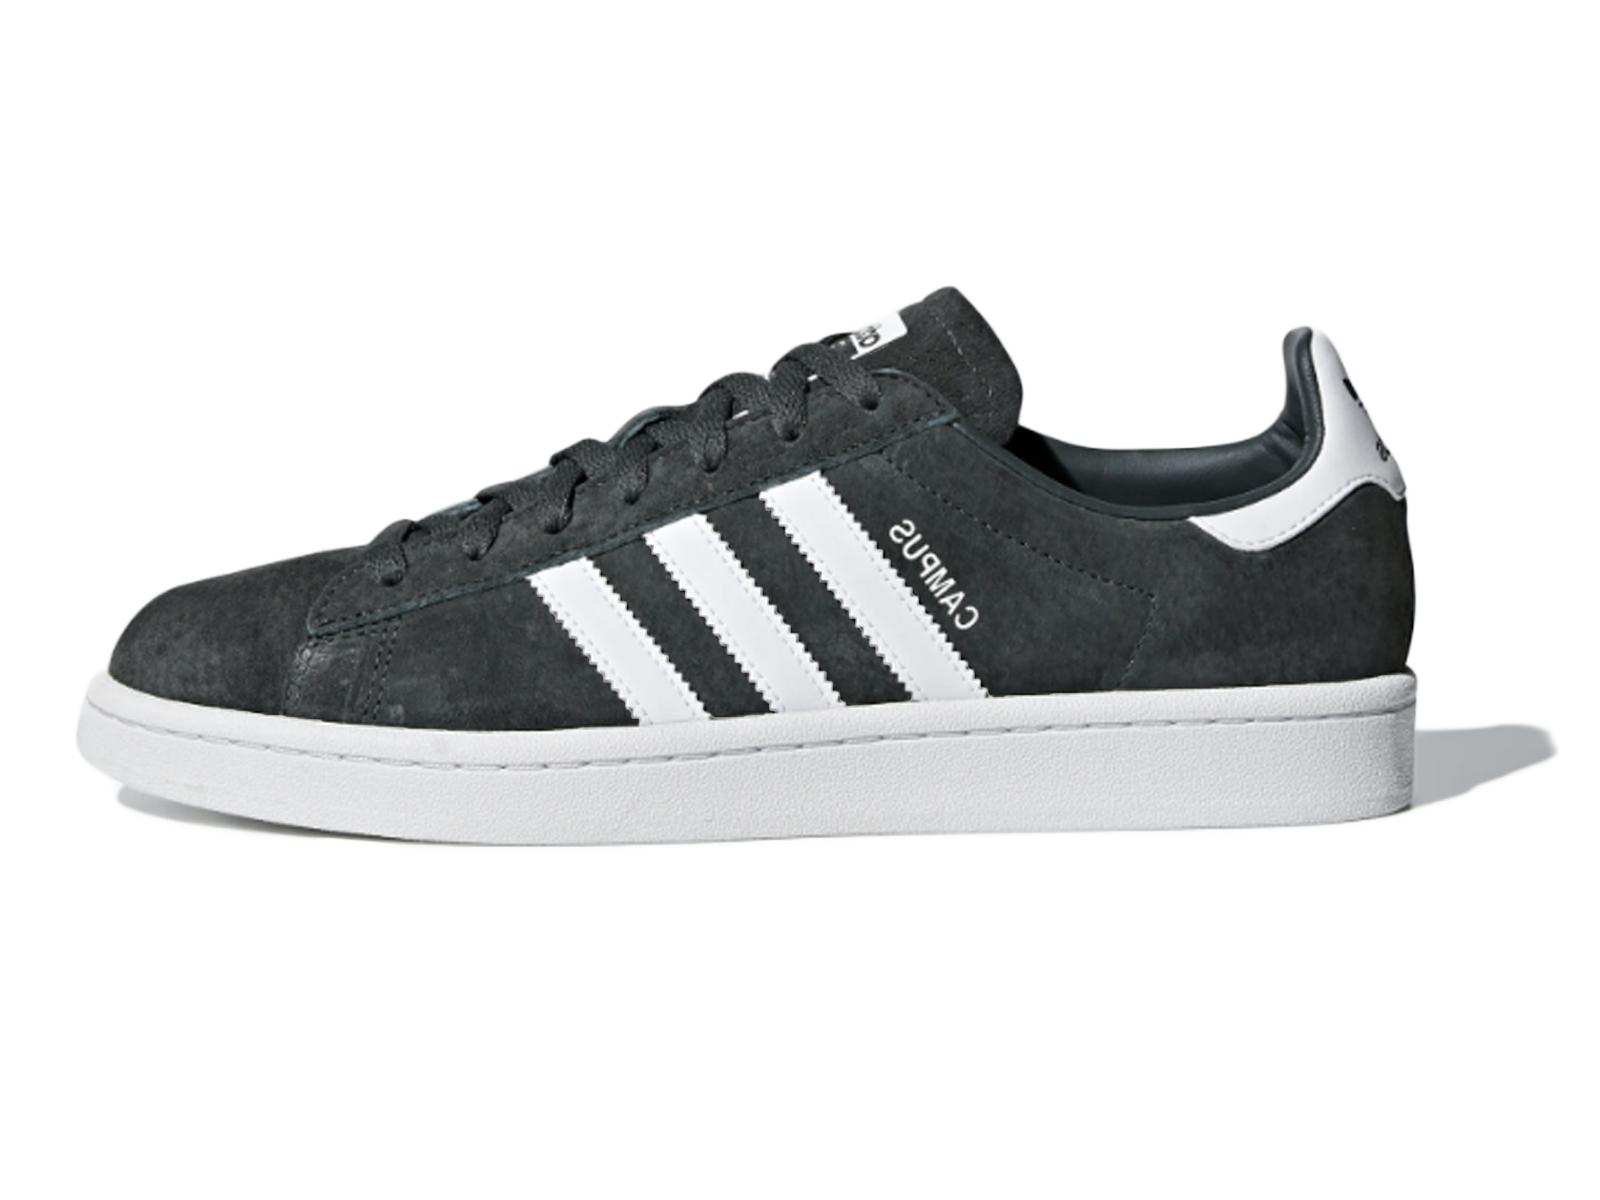 3360dafd804 Ανδρικά Παπούτσια Adidas   Campus CM8445   Mens Shoes Γκρι - Glami.gr